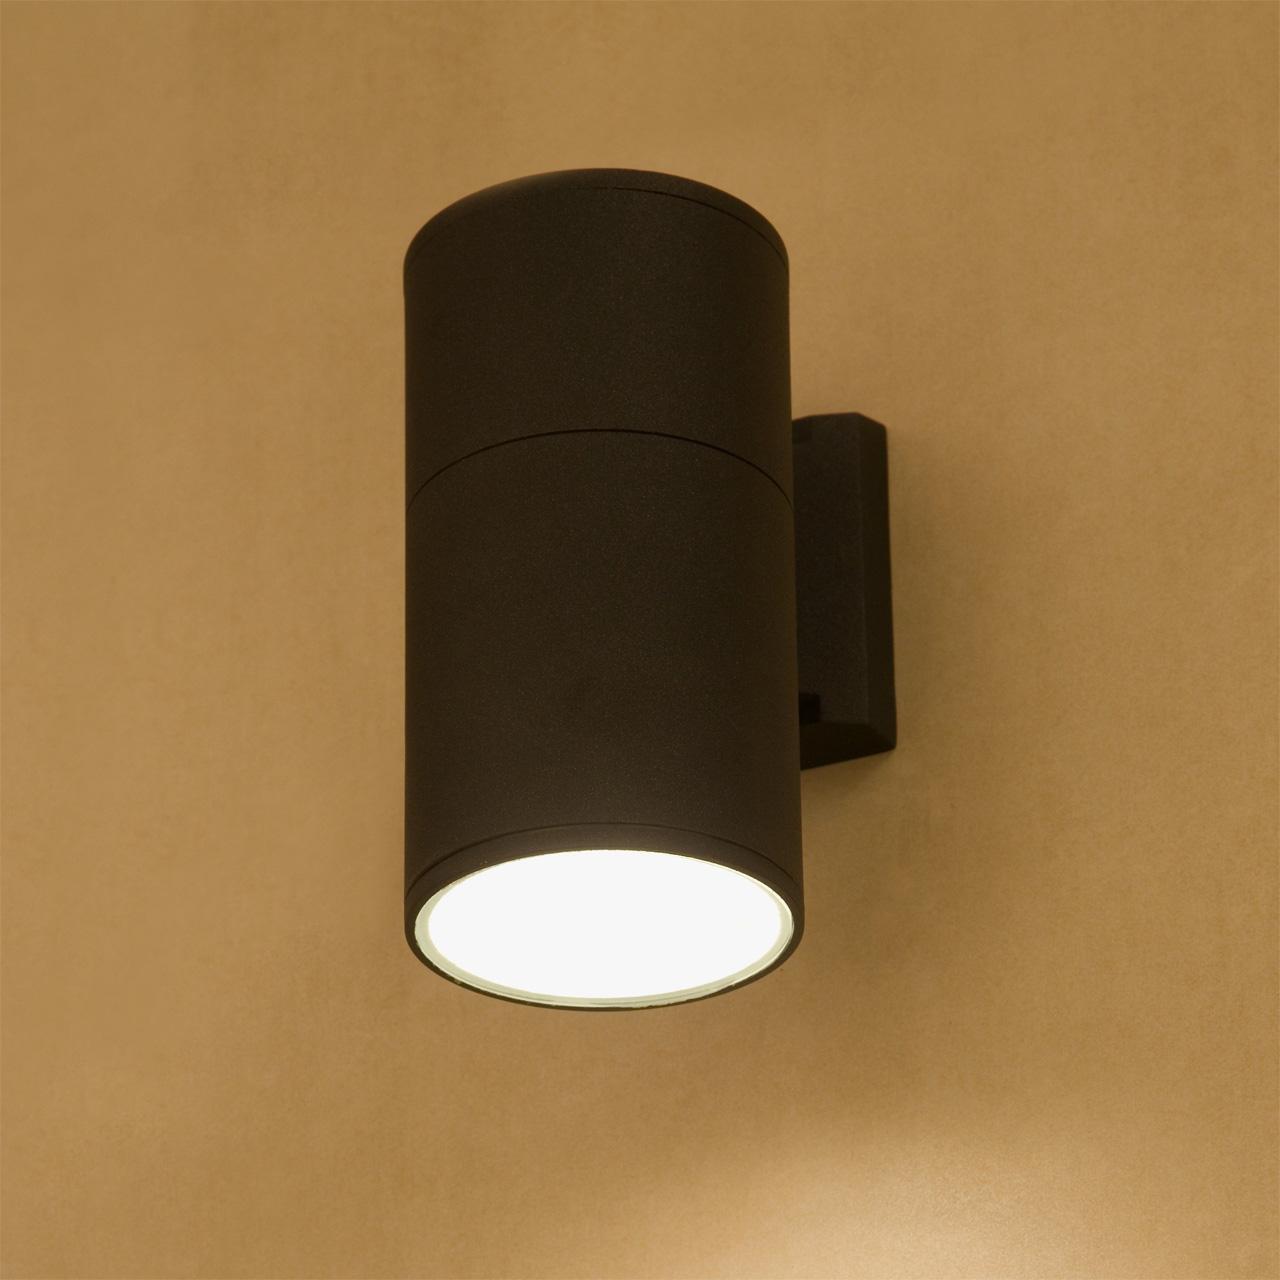 Уличный светильник Nowodvorski 3402, черный уличный настенный светильник nowodvorski fog 3404